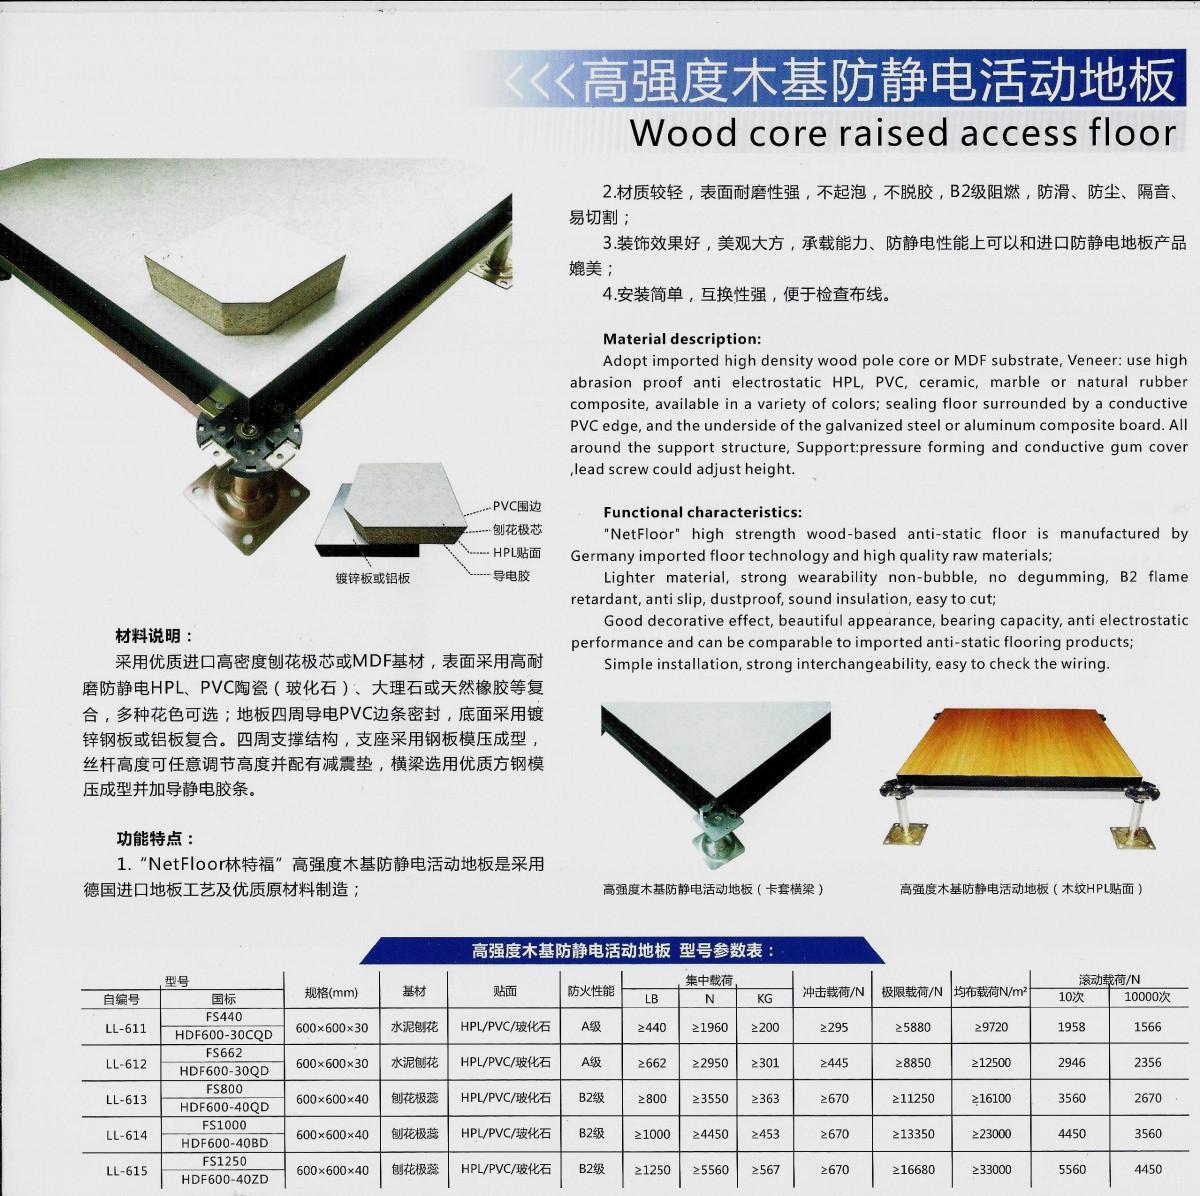 高強度木基防靜電活動地板